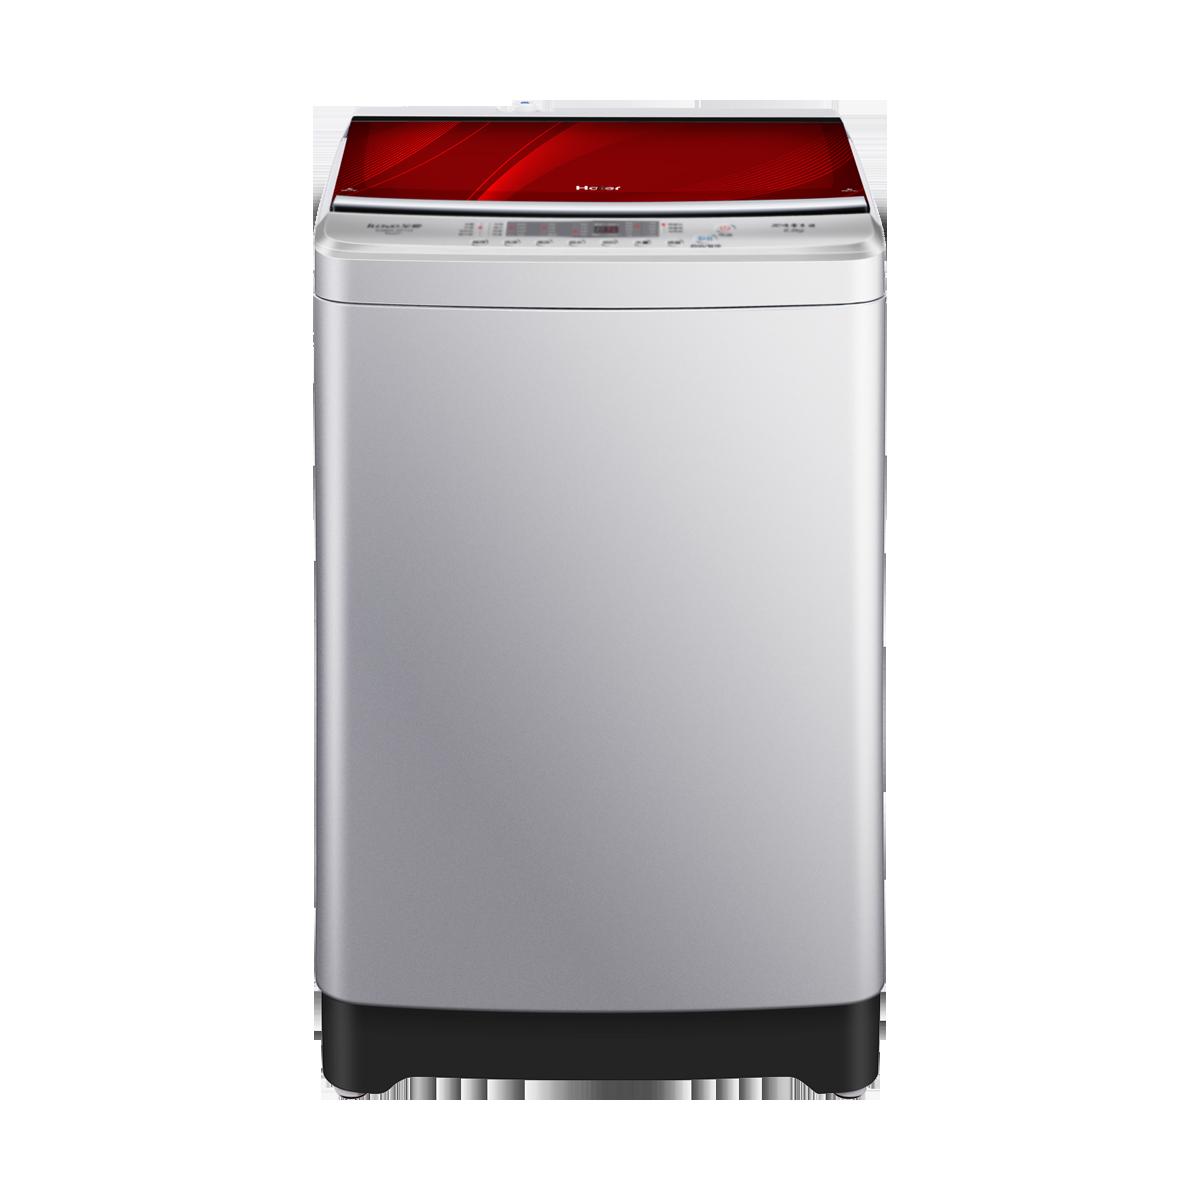 海尔Haier洗衣机 XQB65-SP118 说明书